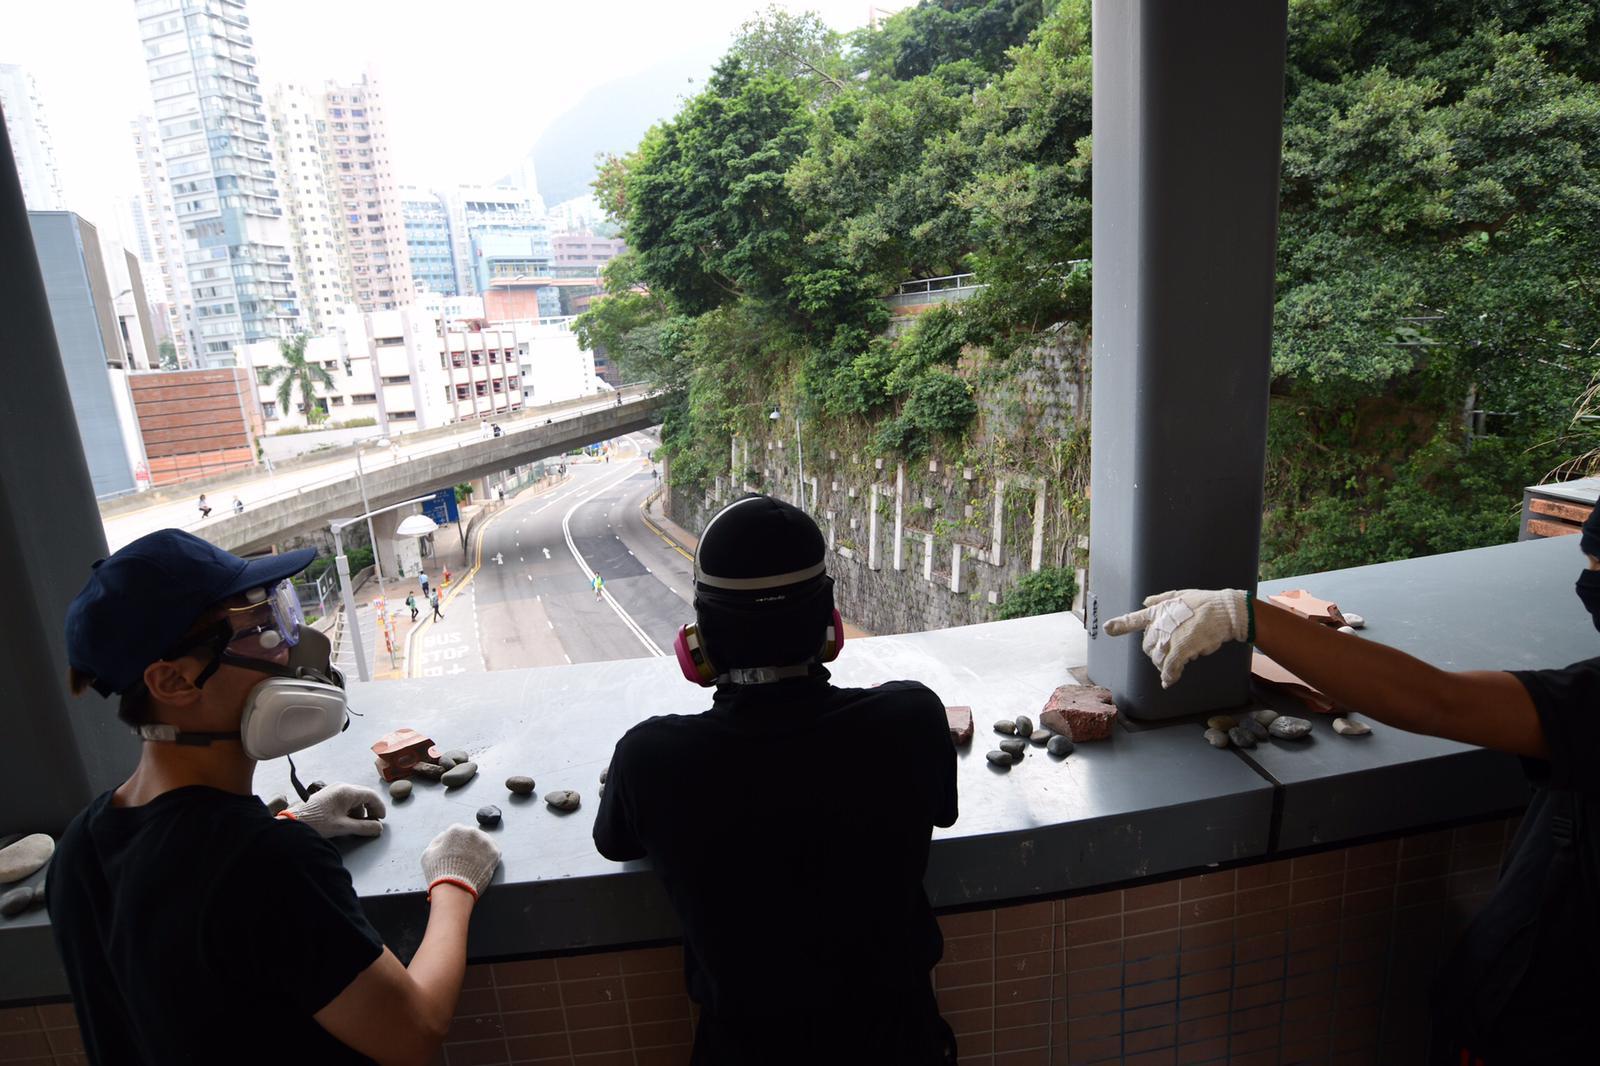 於港鐵香港大學站前往港大的天橋,有示威者高空投下椅子及雜物。